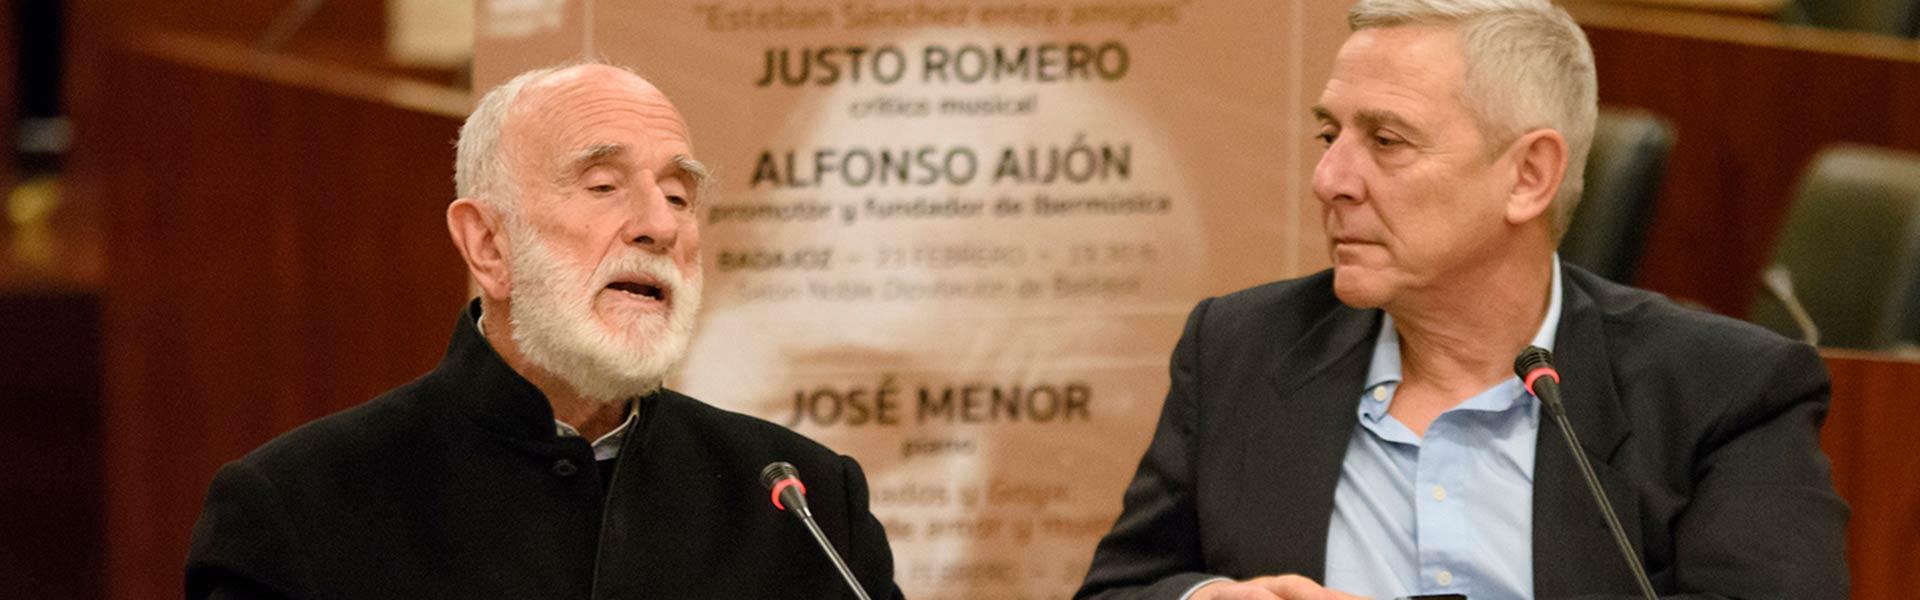 Alfonso Aijón y Justo Romero. Sociedad Filarmónica de Badajoz © Juan Hernández